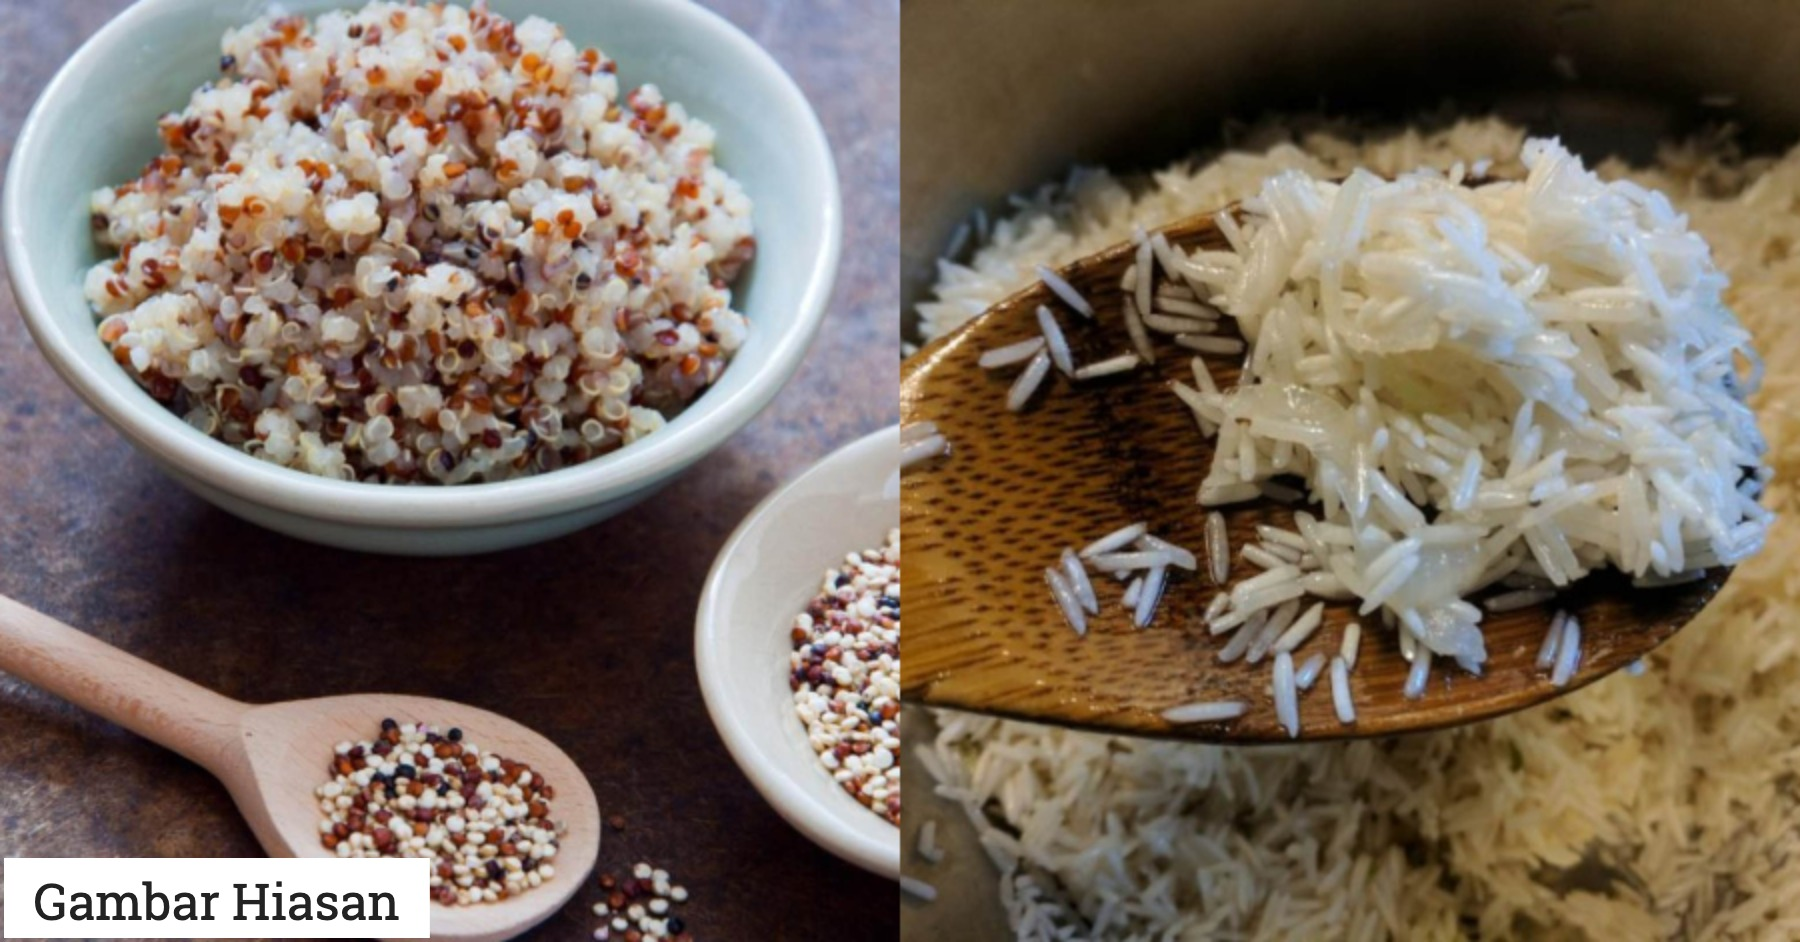 Makan Beras Basmathi Zakat RM21 Seorang, Ini Kadar Bayaran Zakat Fitrah Mengikut Beras